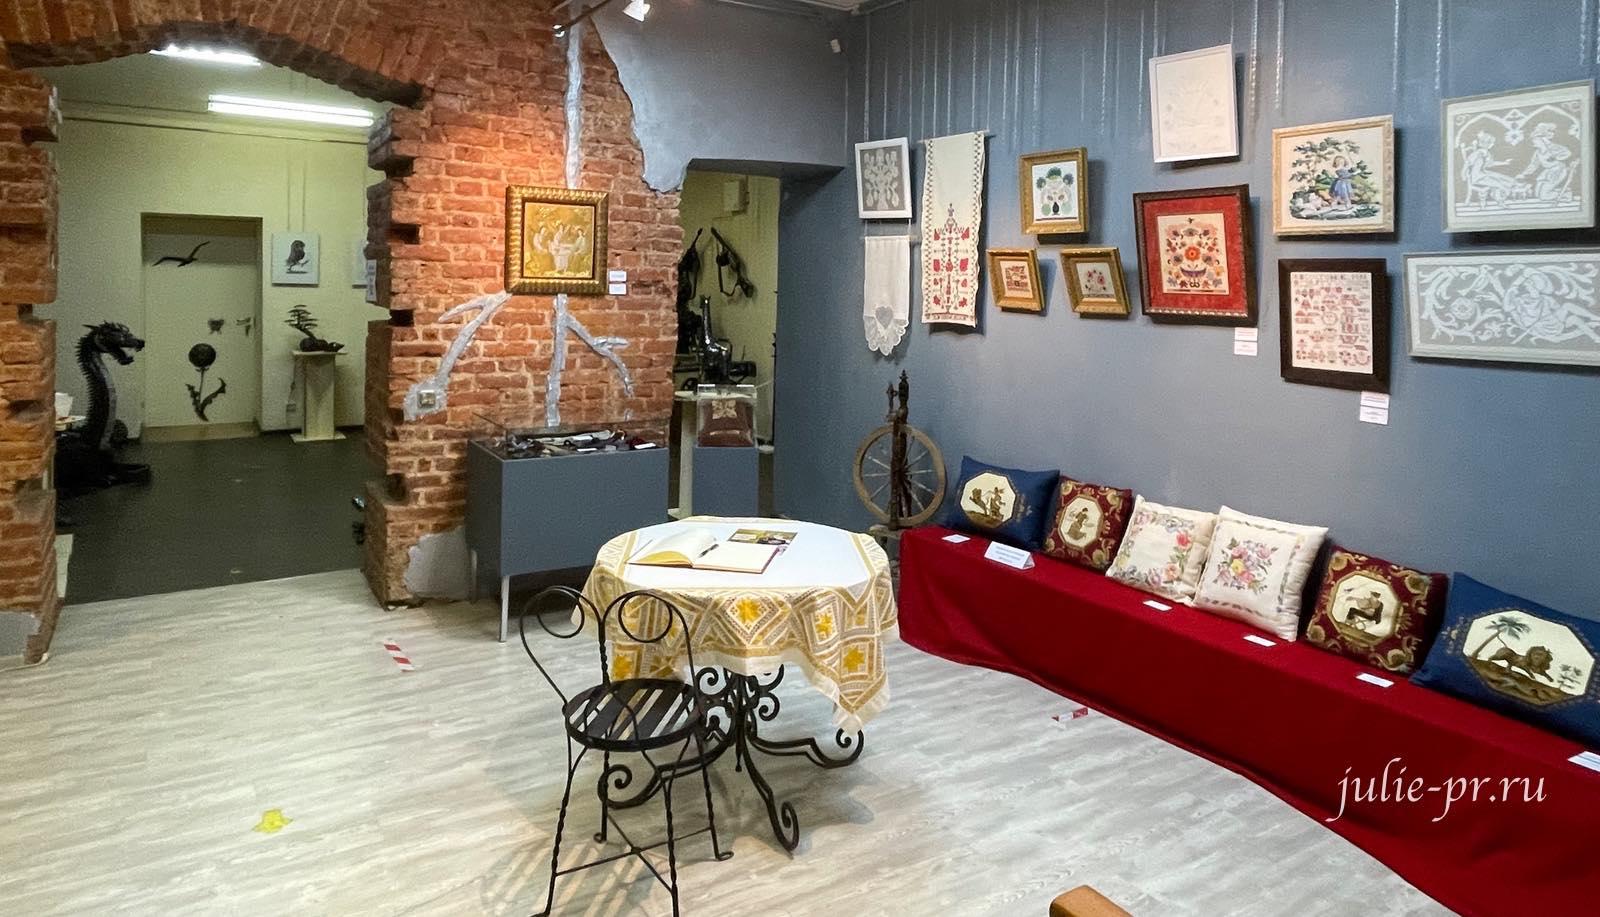 Выставка Цветная матрица мечты, Музей Русский Левша, вышивка, Санкт-Петербург